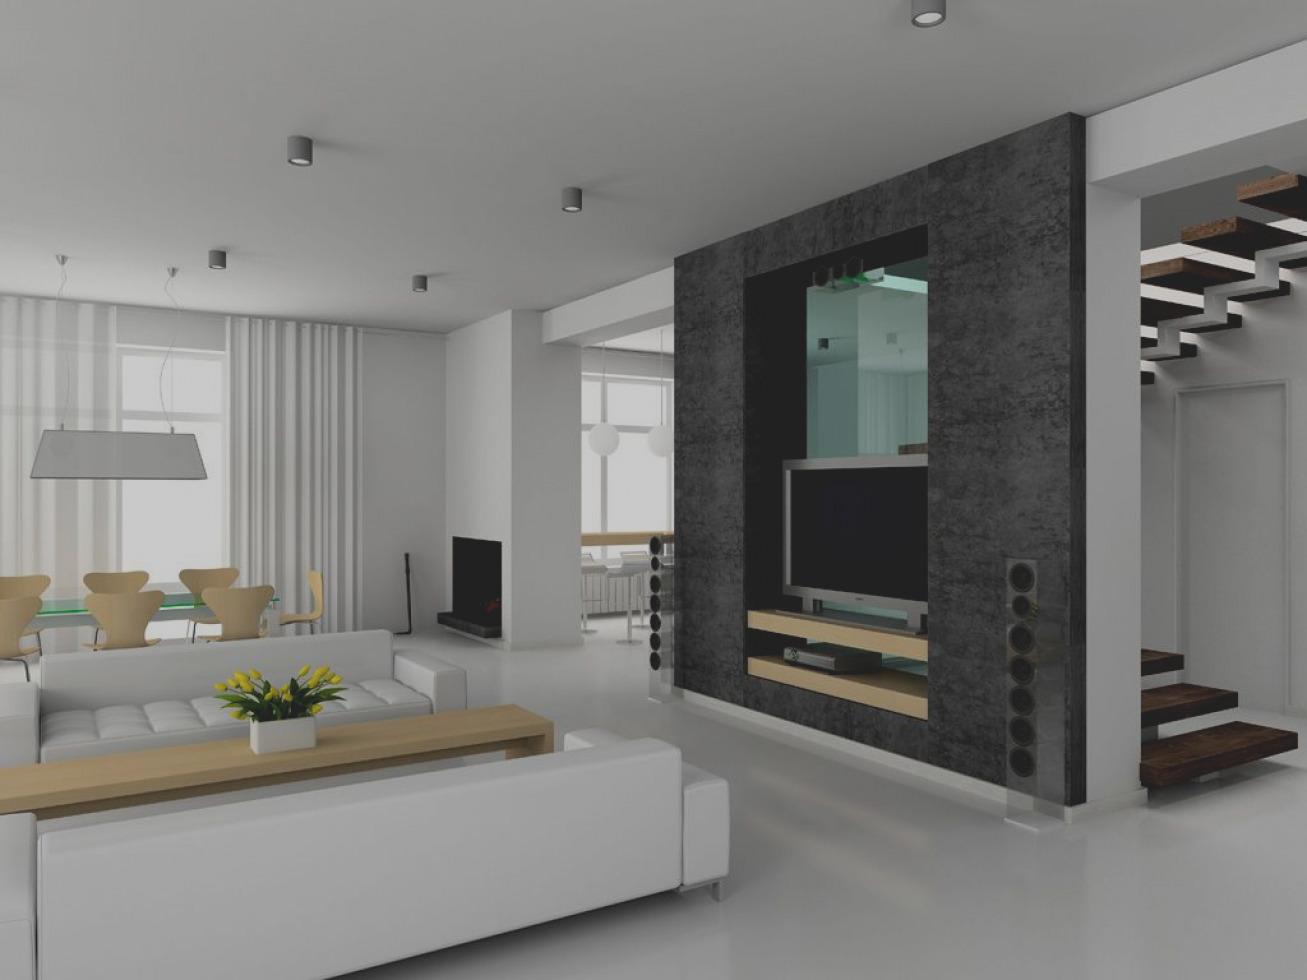 Inspiraci n diseno de salas minimalistas pequenas for Decoracion de casas pequenas minimalistas